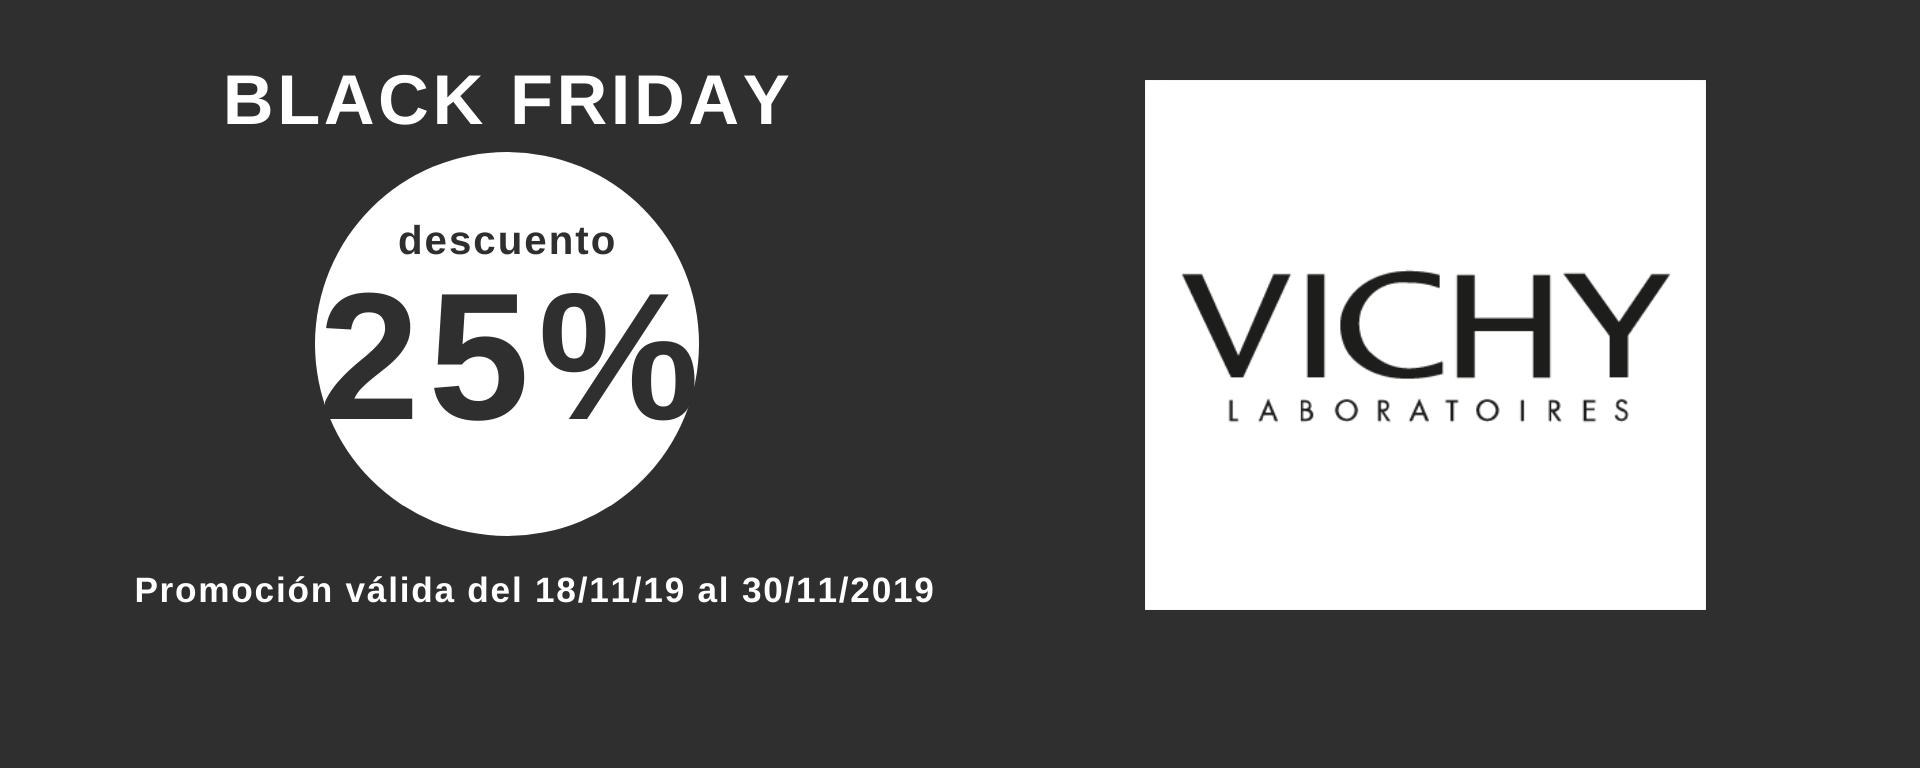 Vichy - BlackFriday - Farmacia Ciudad Alta